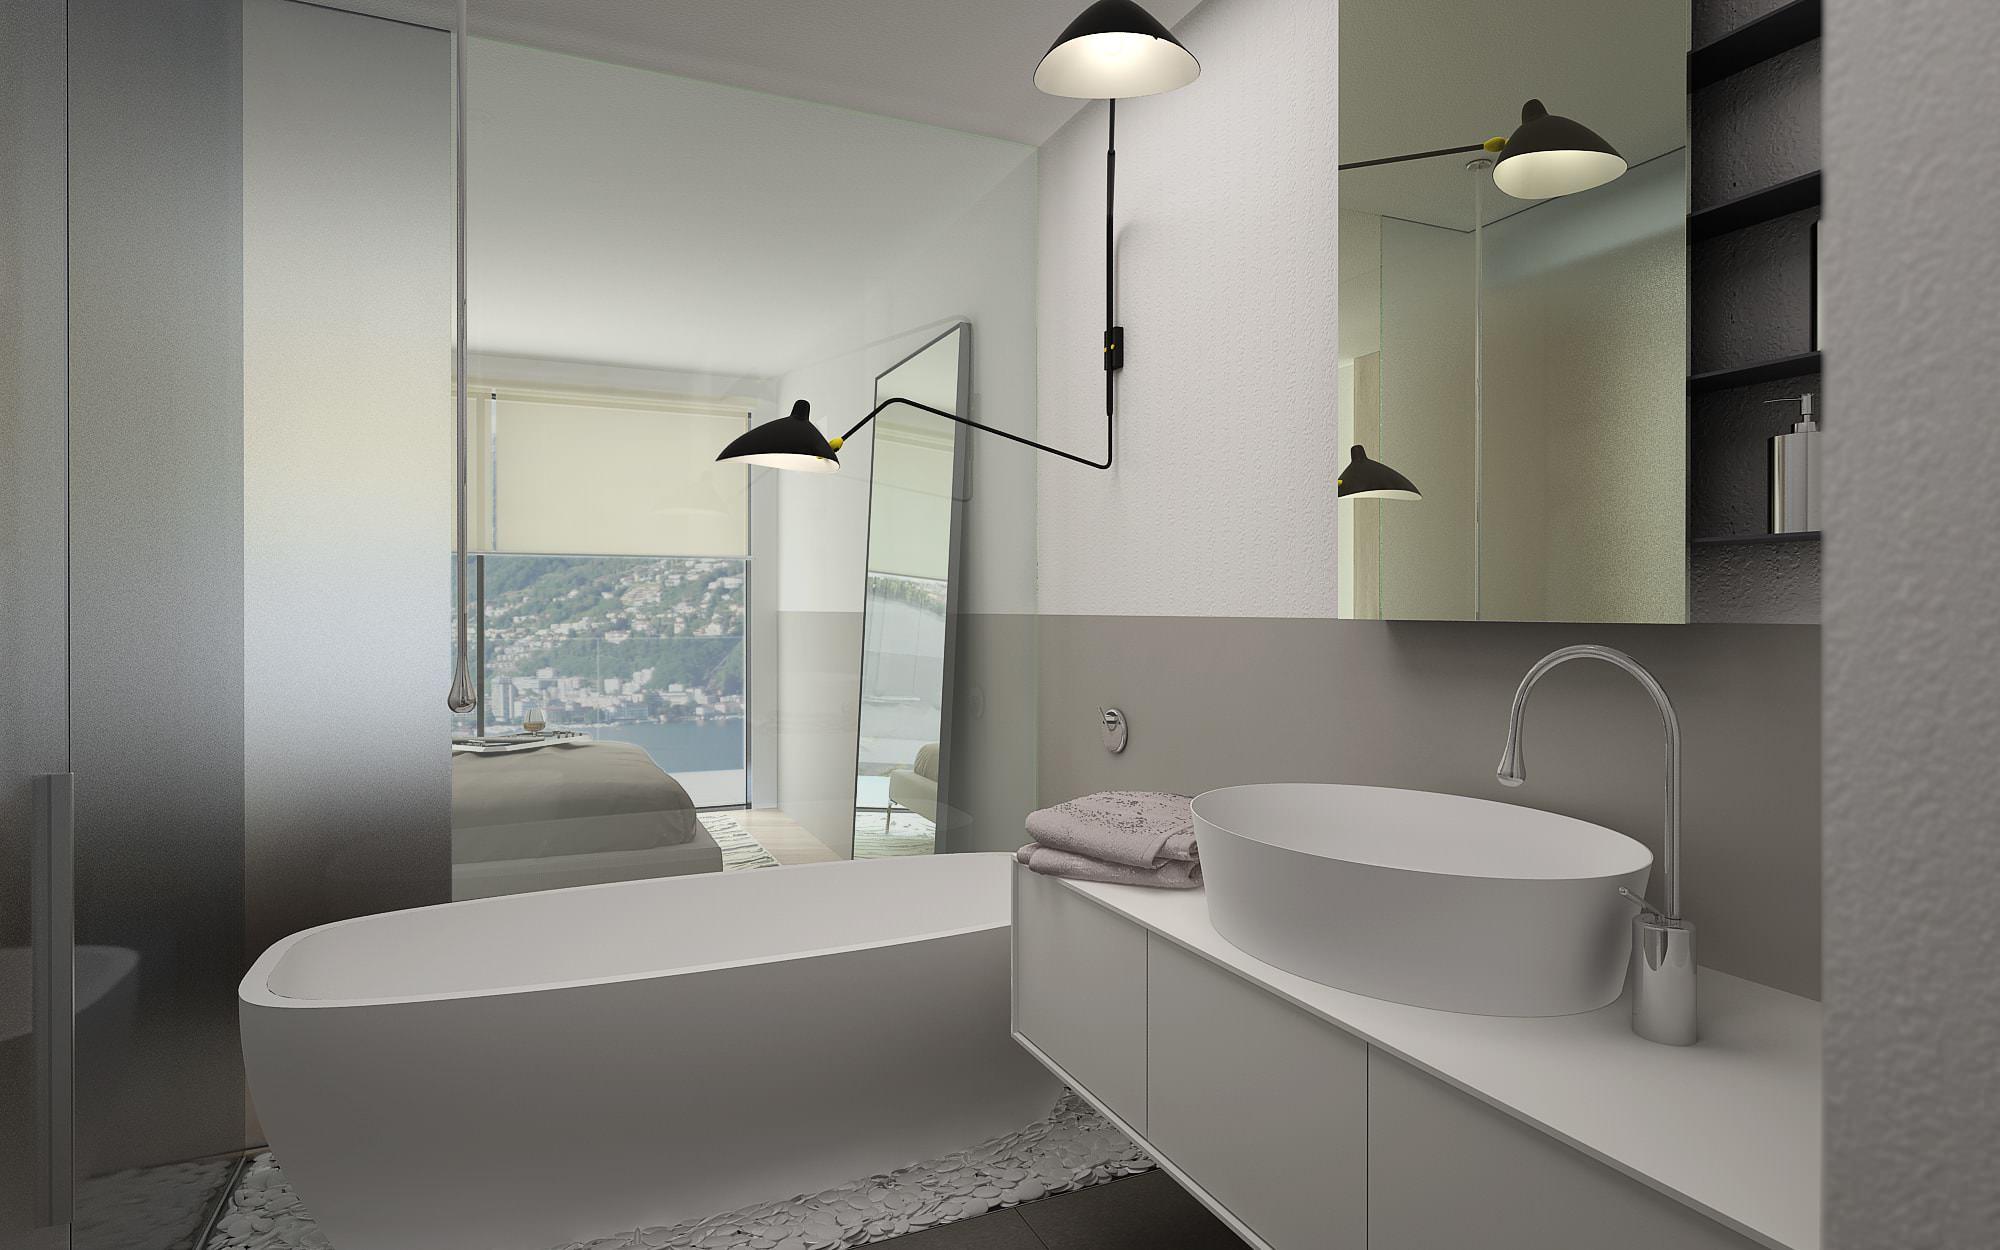 Bagno design attico lusso Lugano Ticino Svizzera